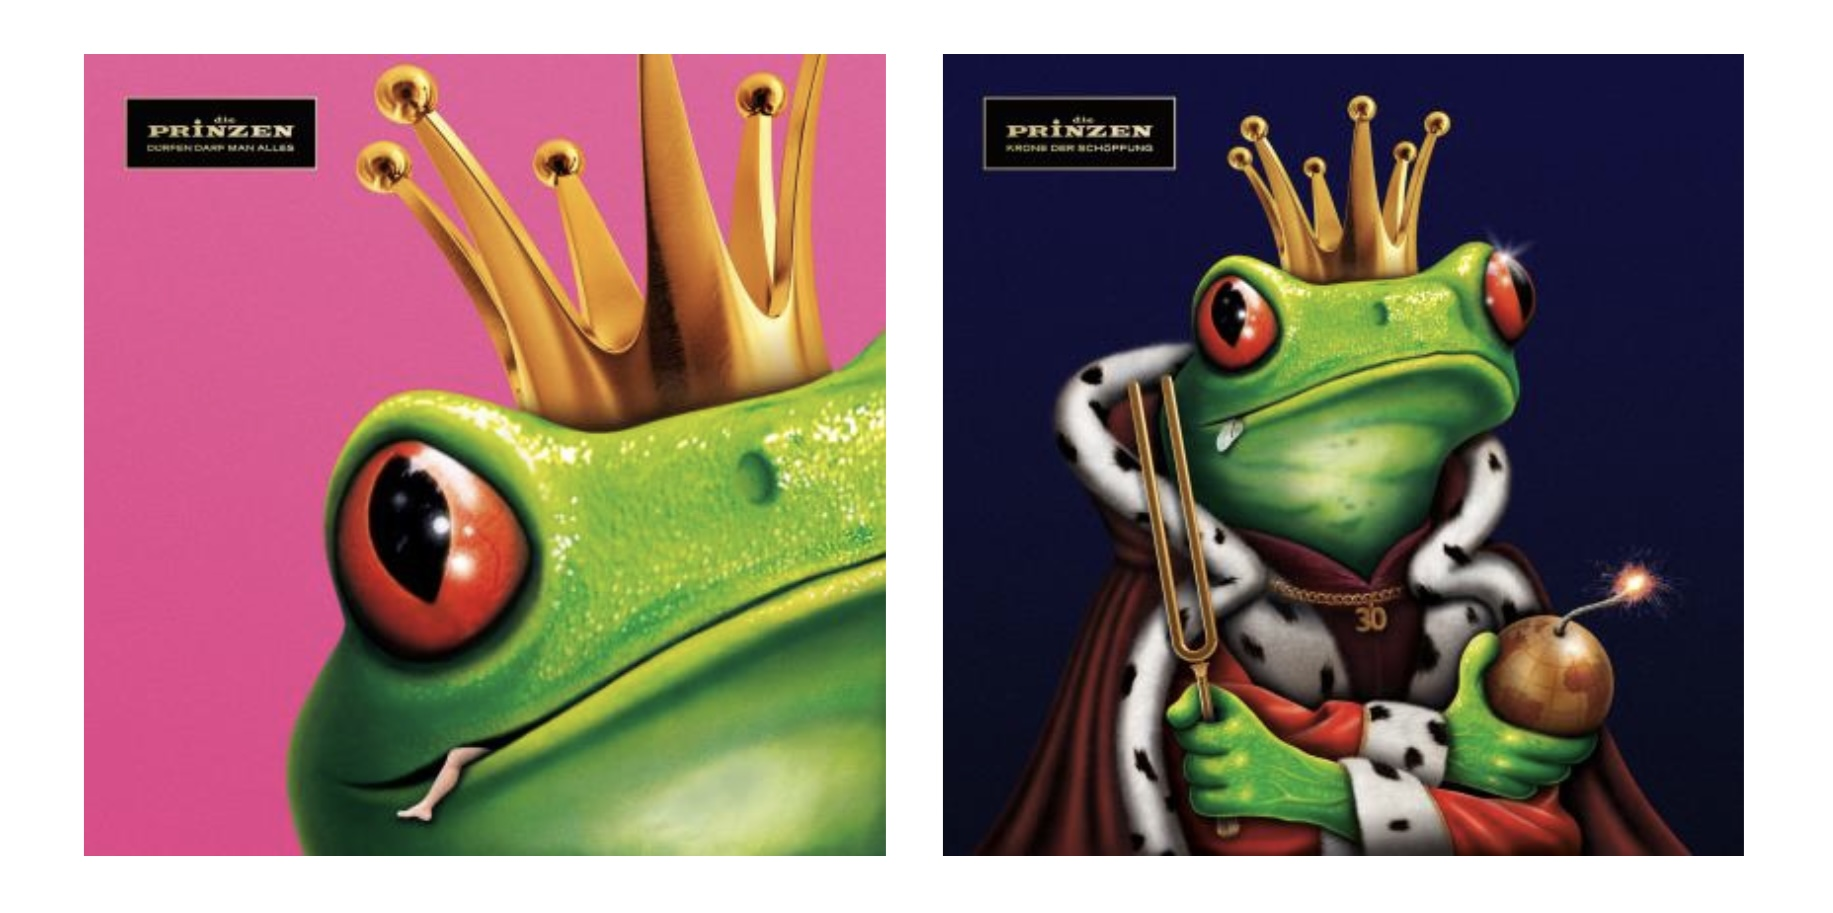 Vergesst den weißen Hasen! Folgt dem grünen Frosch!! ;-)